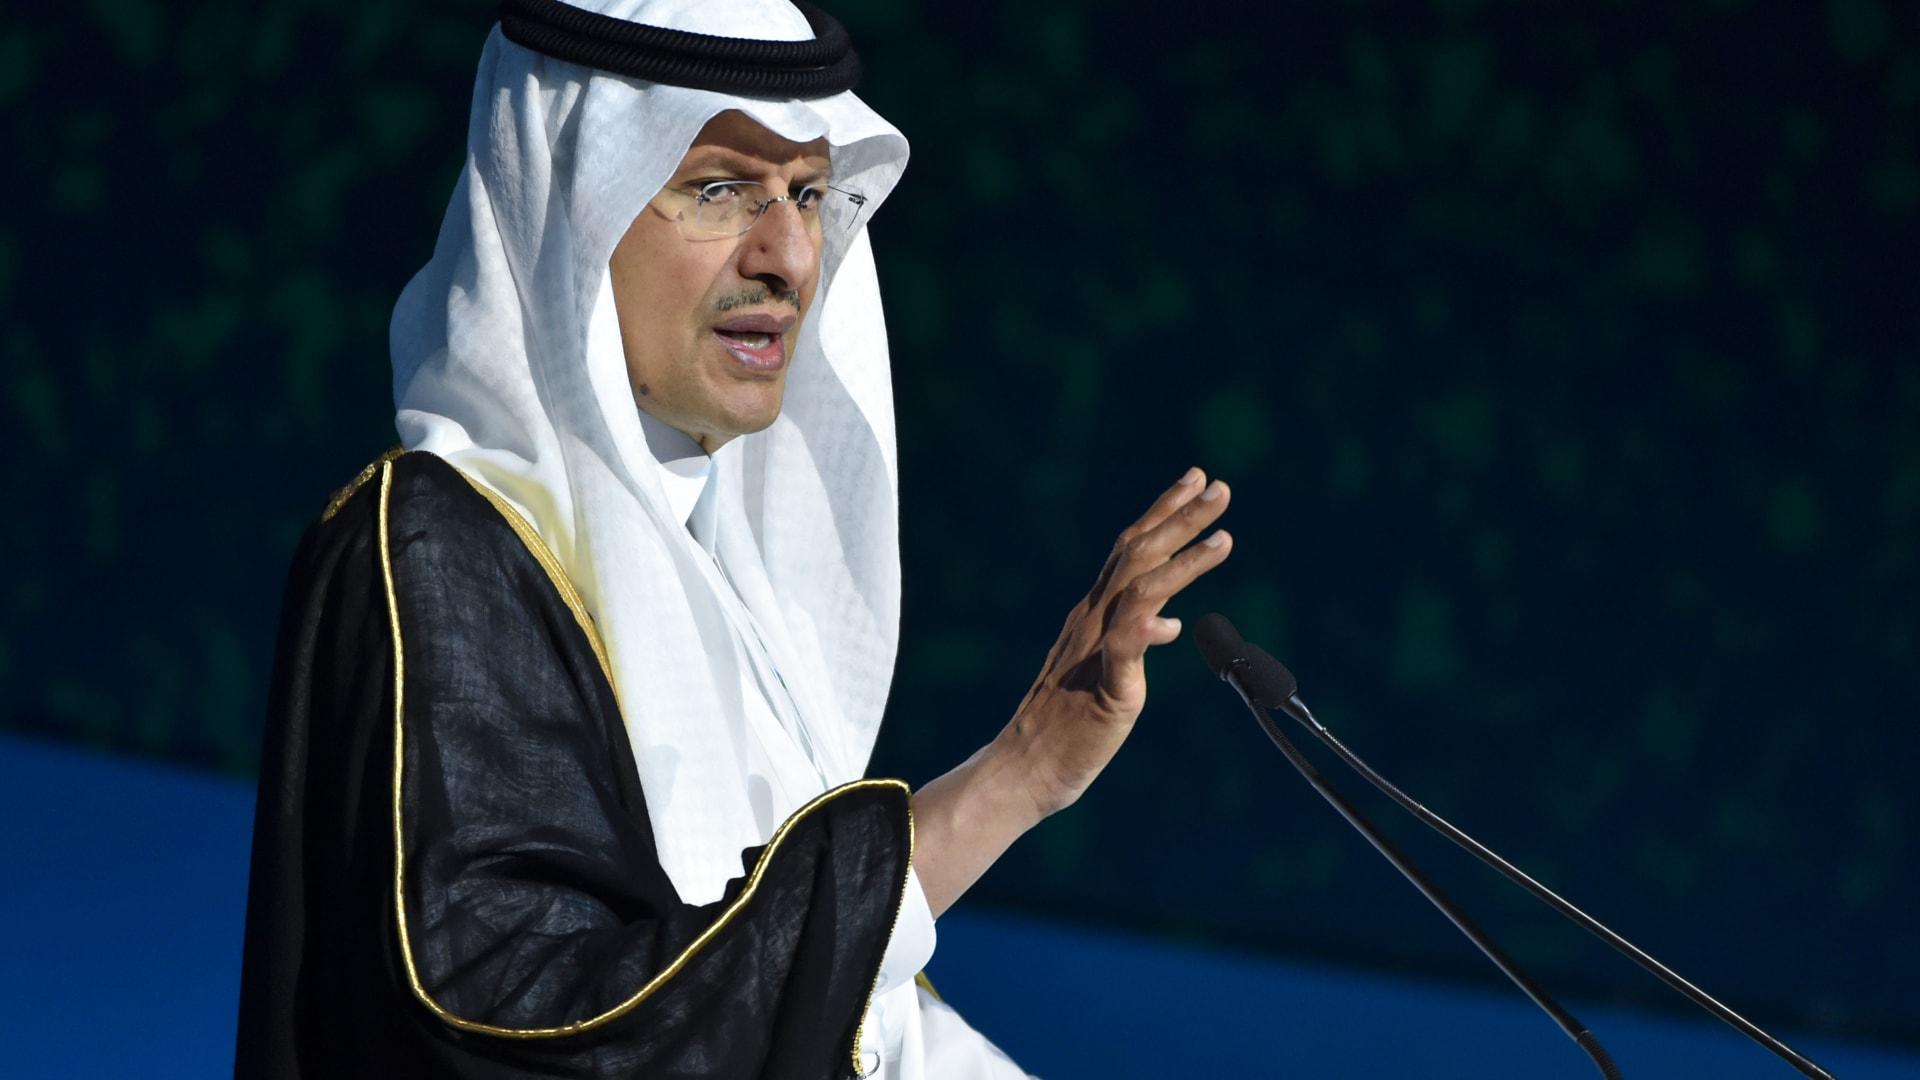 السعودية تعلن اكتشاف حقلين جديدين للنفط والغاز في حدودها الشمالية